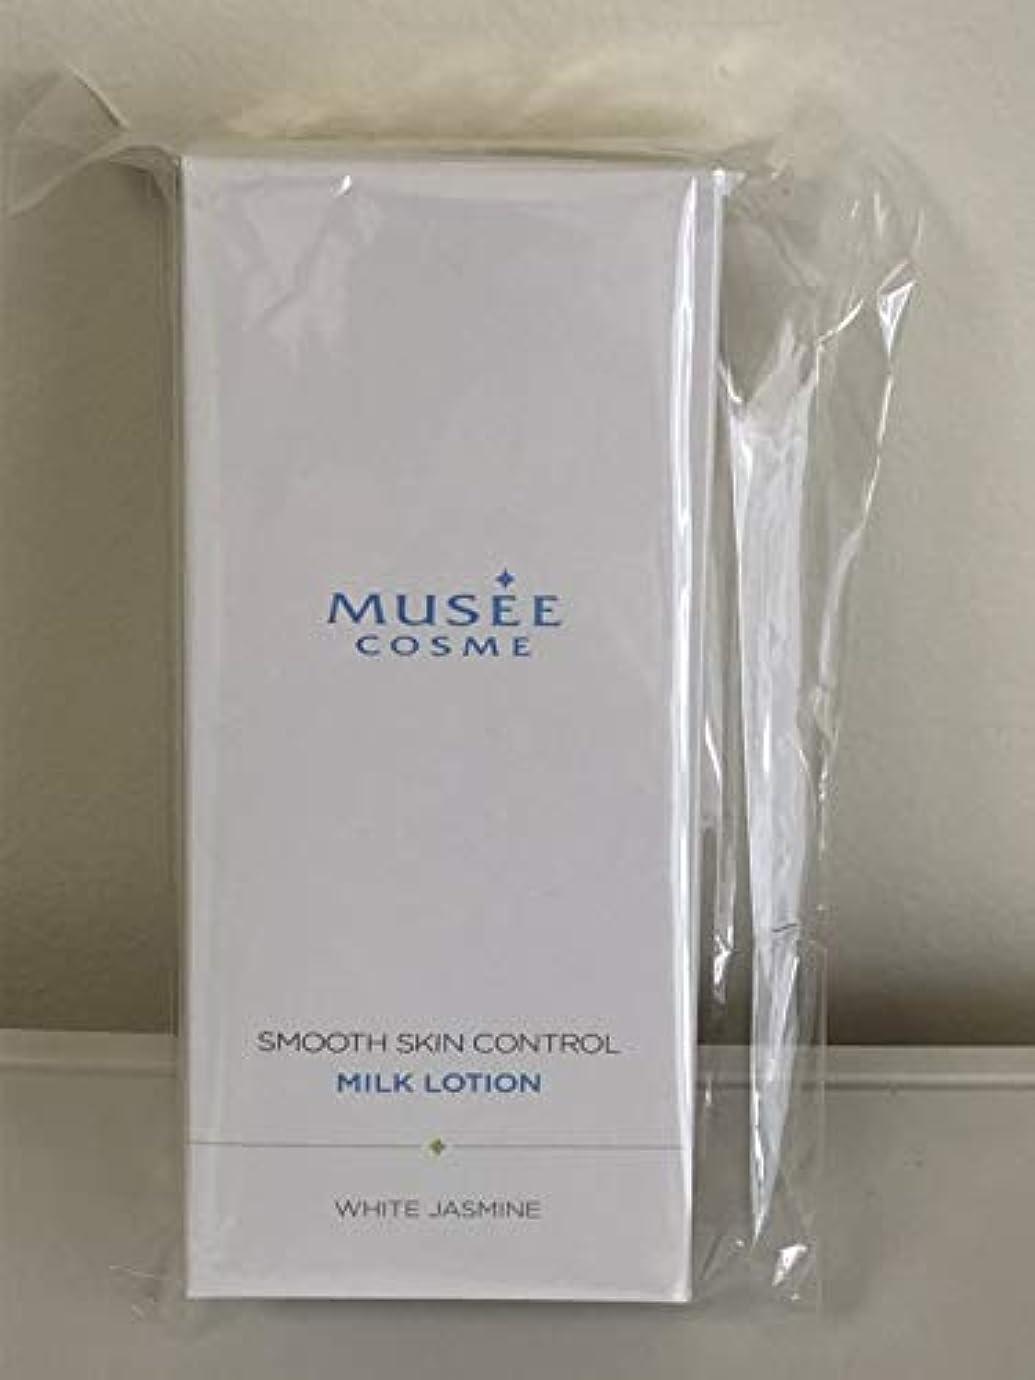 シリング政治動作ミュゼコスメ 薬用スムーススキンコントロール ミルクローション 300mL ホワイトジャスミンの香り